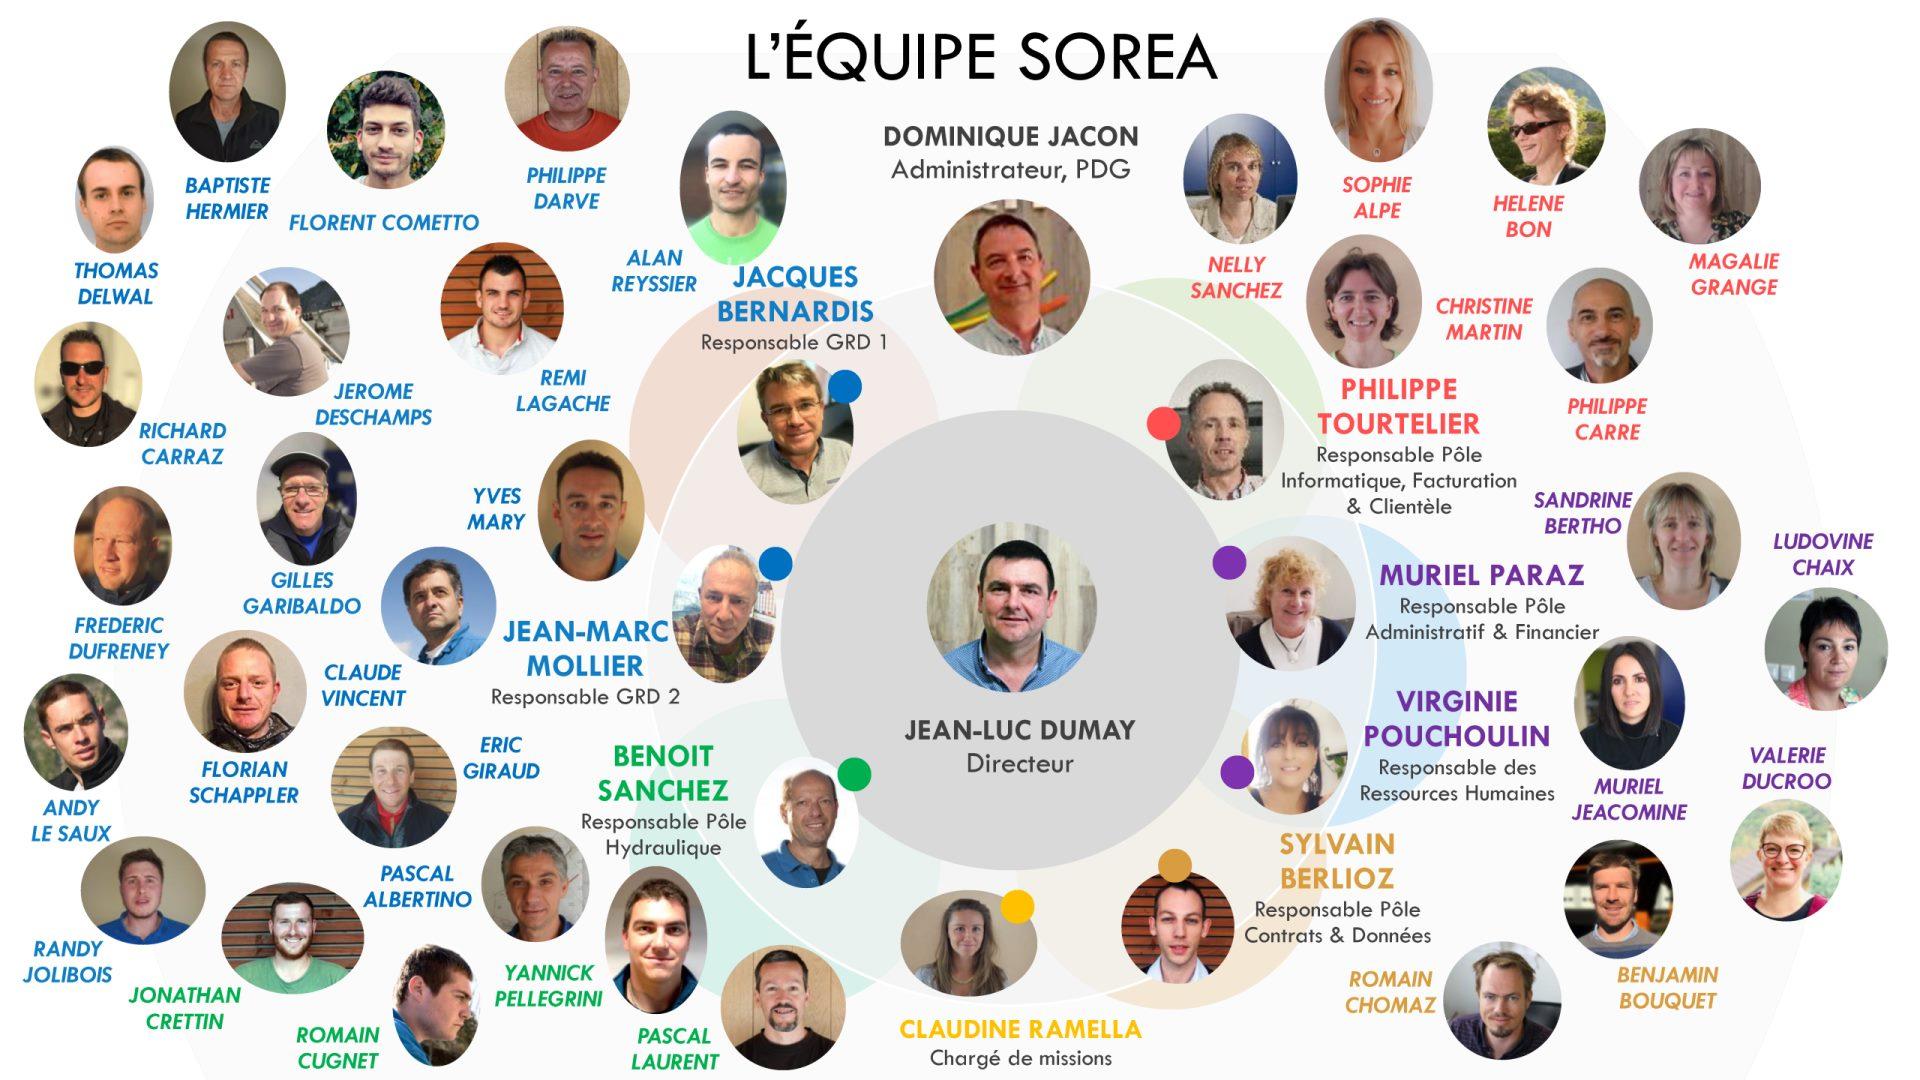 organigramme-équipe-SOREA